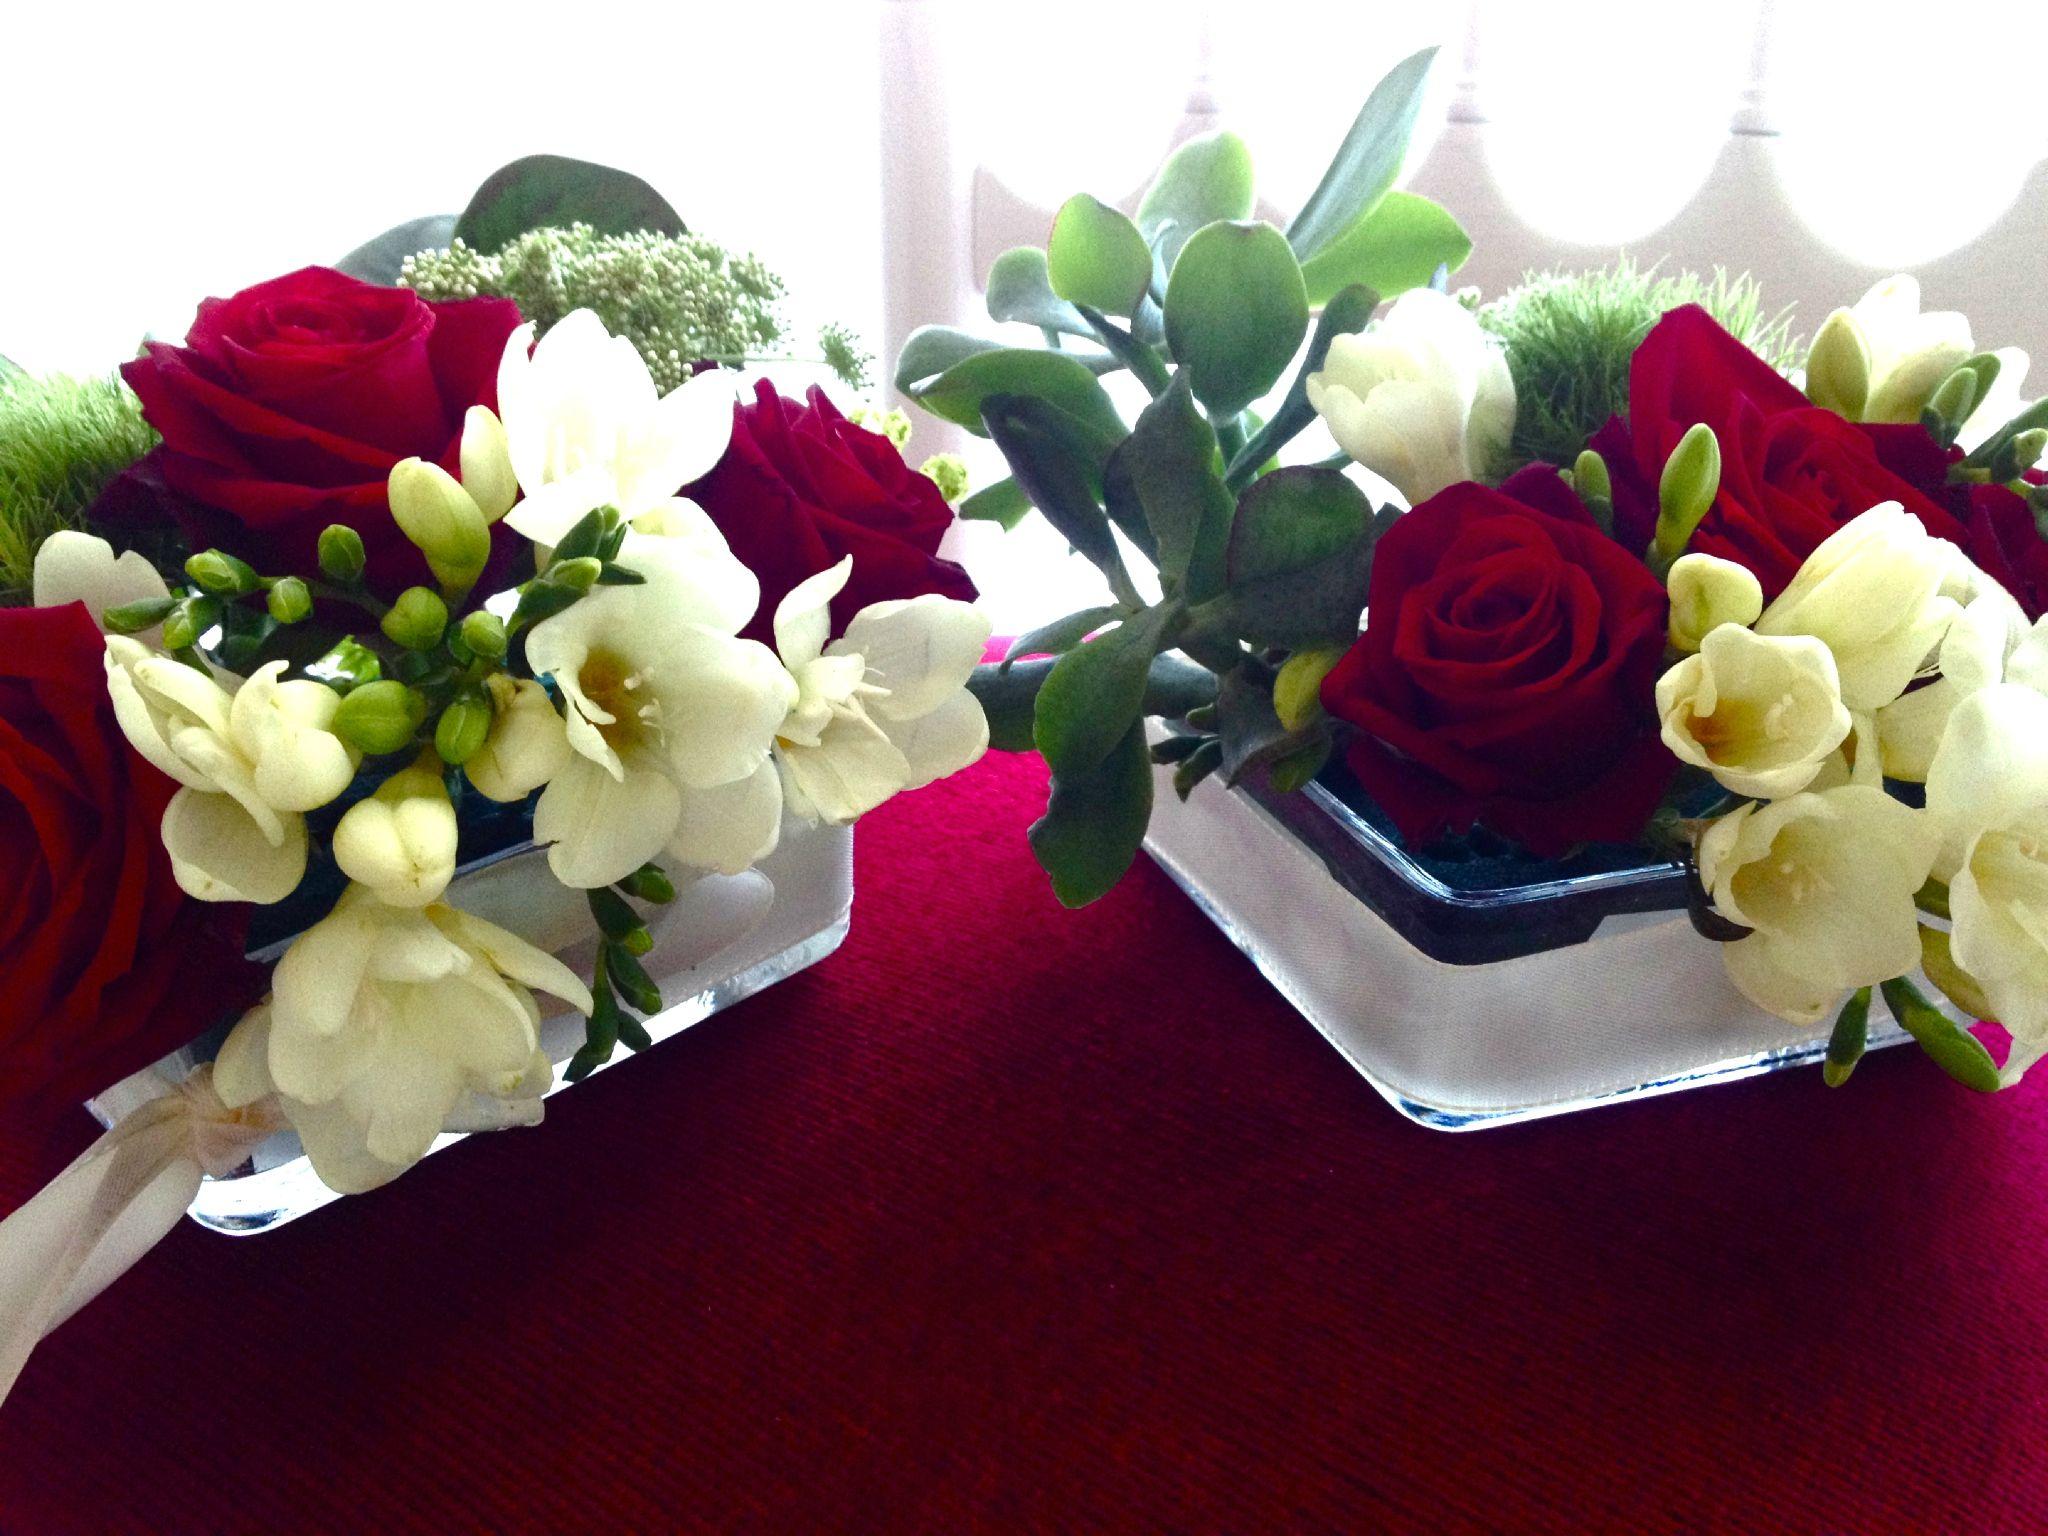 D coration florale de table permalien tags bouquet de mari e centre de table d coration - Decoration florale table ...